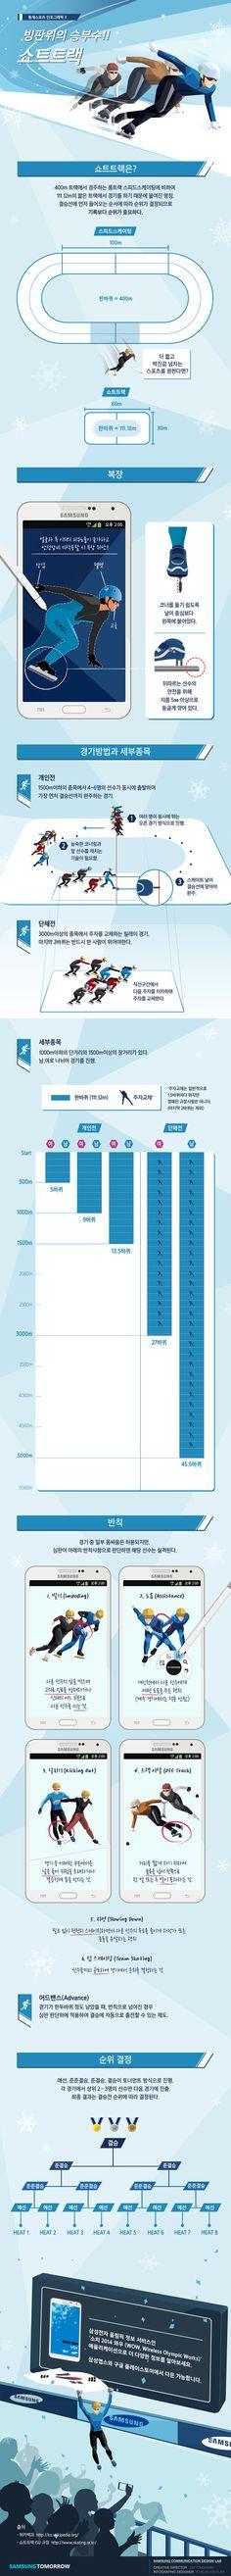 [Infographic] '빙판 위의 승부수!' 쇼트트랙에 관한 인포그래픽